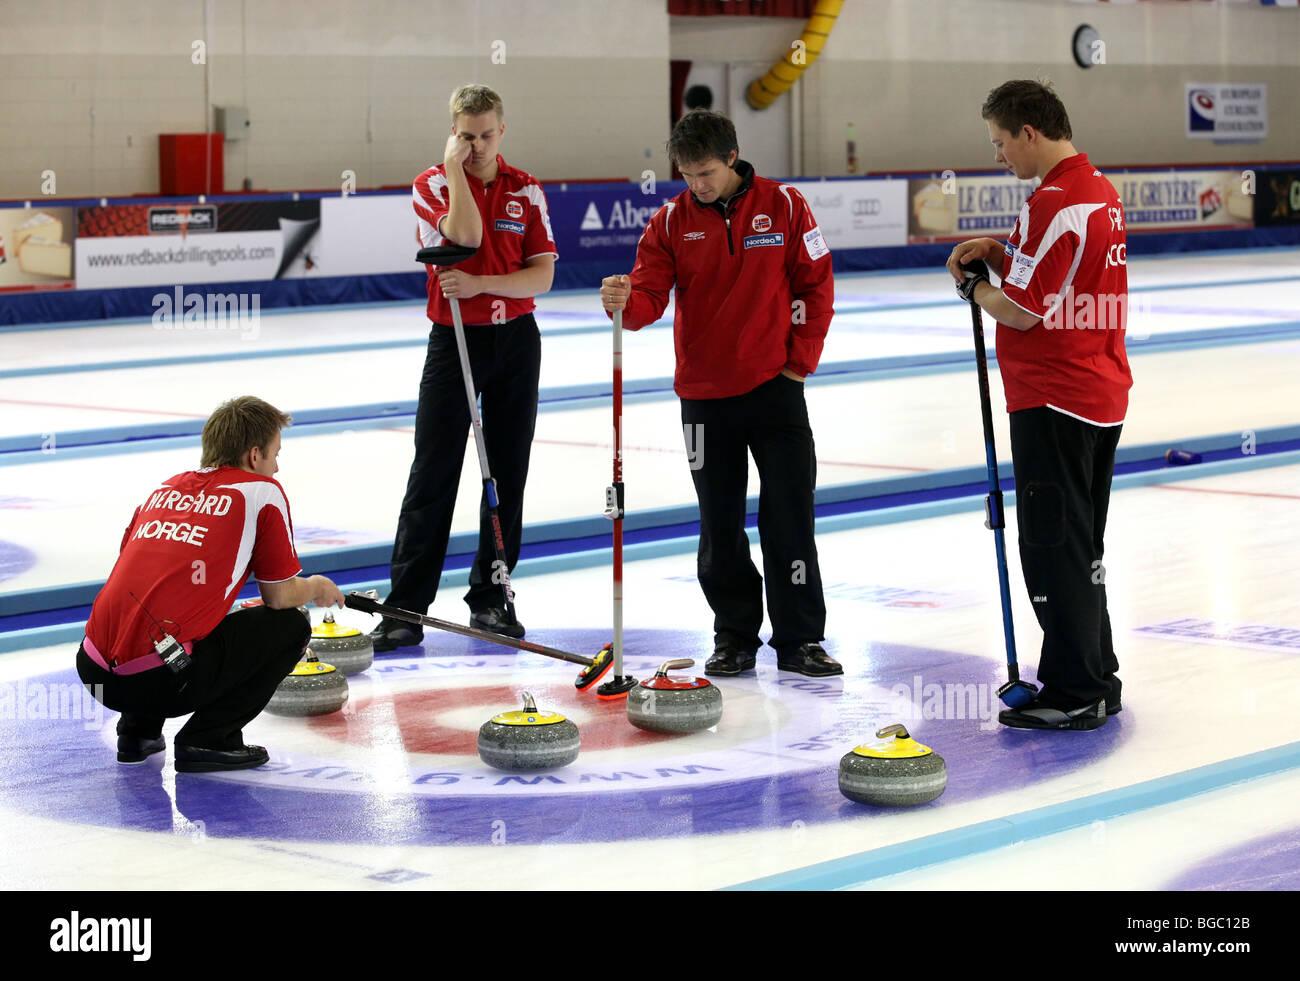 Joueurs participant aux championnats mondiaux de curling à la patinoire de Linx à Aberdeen, Écosse, Photo Stock